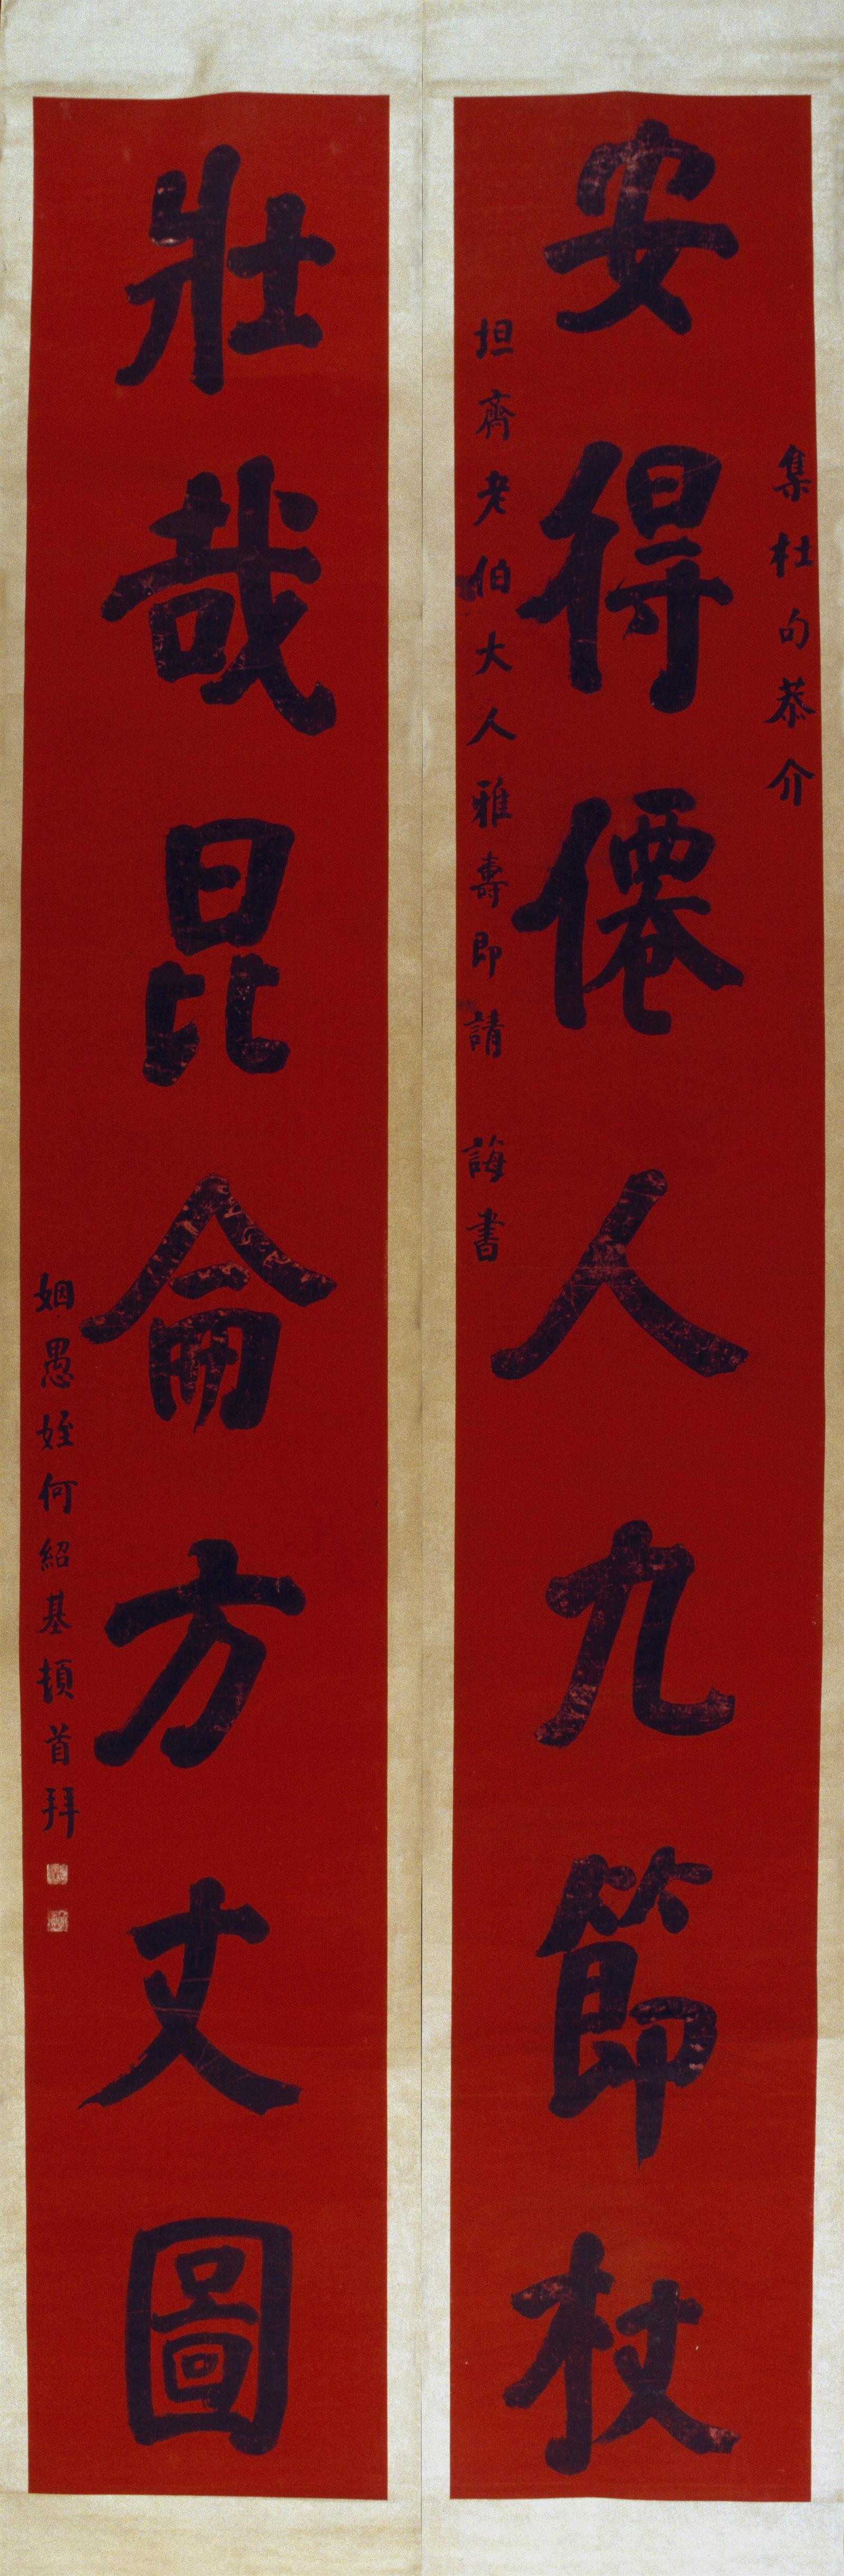 何绍基《楷书安得壮哉七言联》纸本楷书湖南省博物馆藏